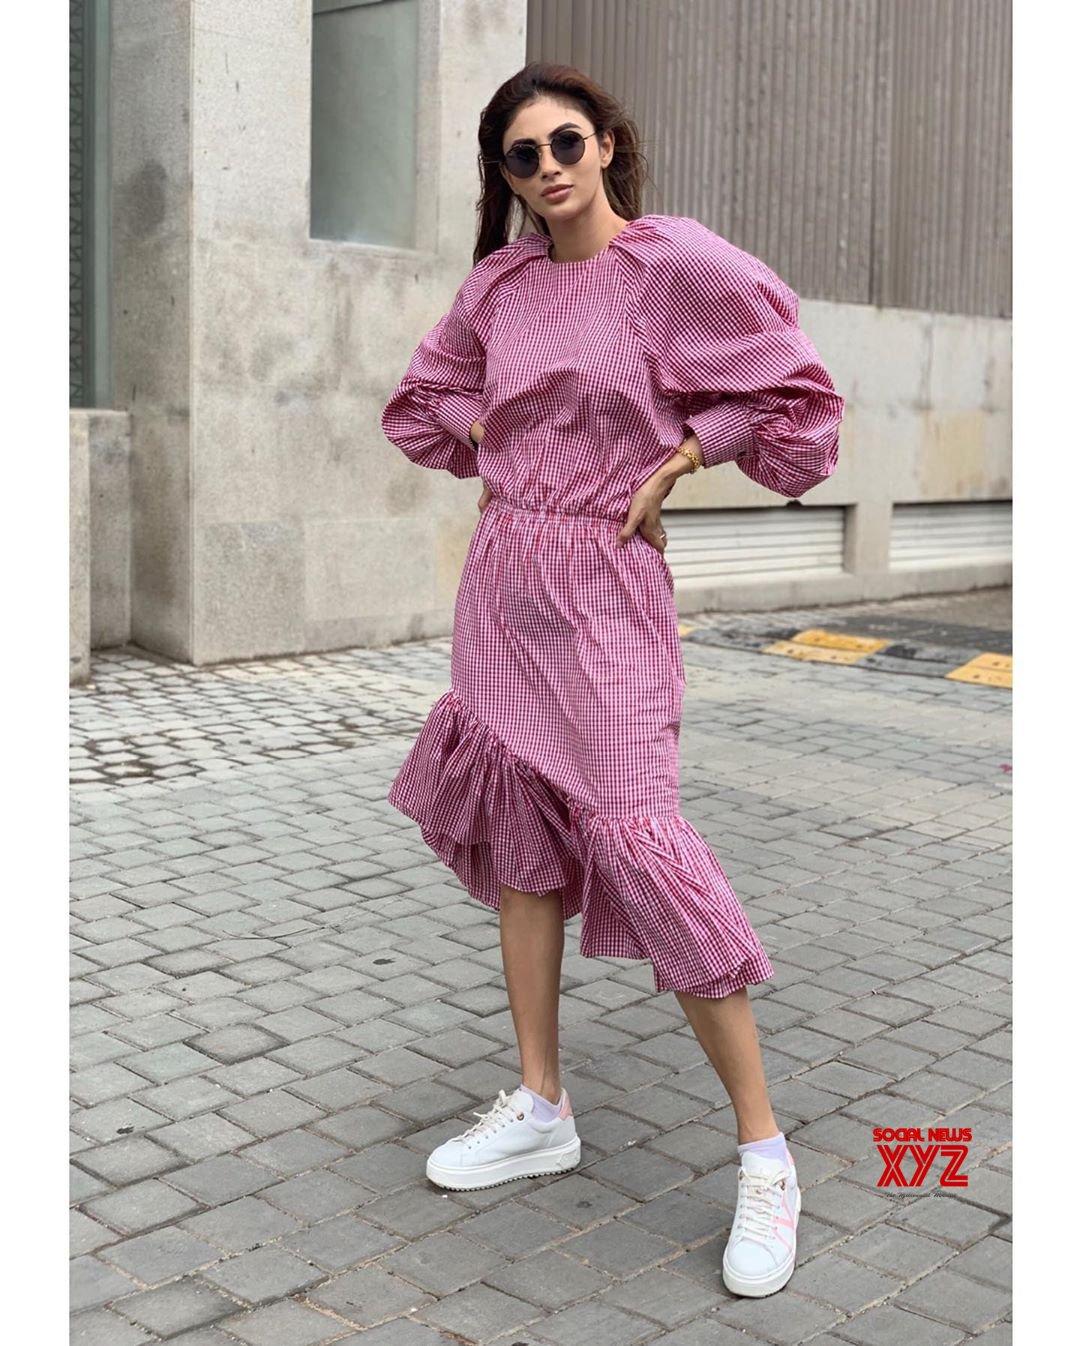 Actress Mouni Roy Hot New Insta Stills - Social News XYZ